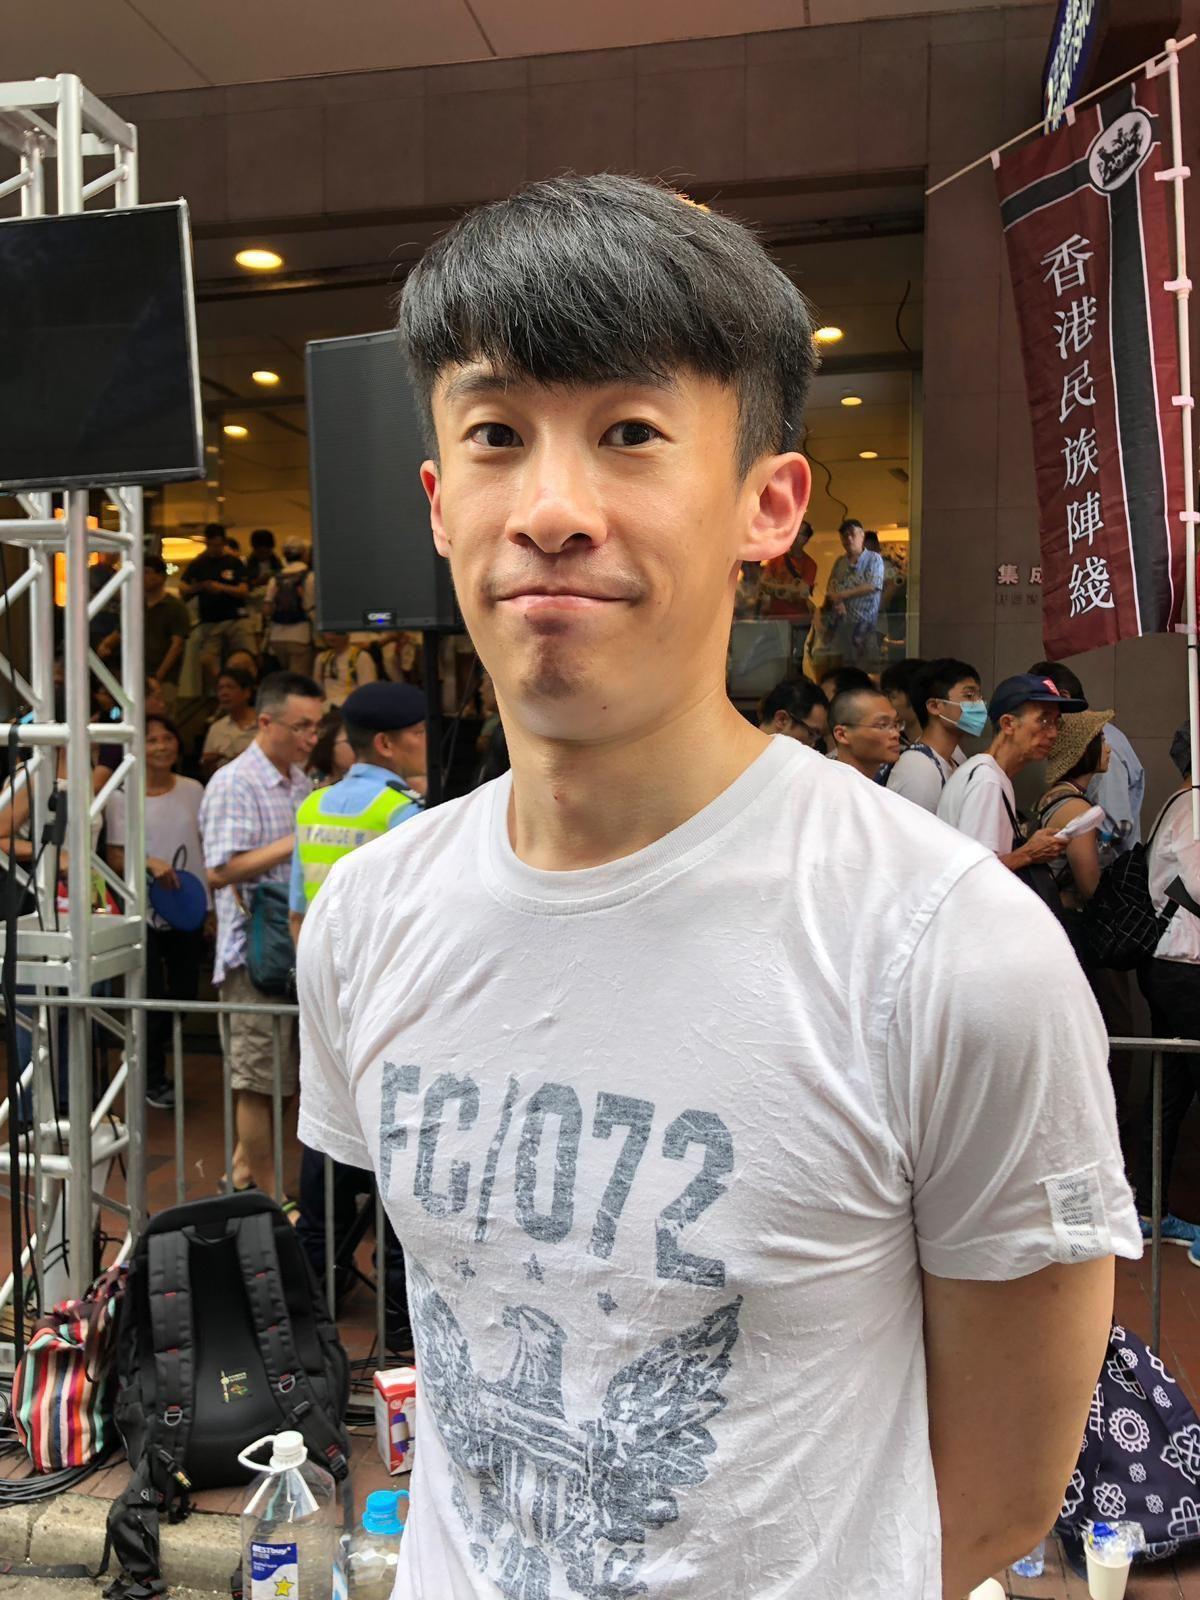 梁頌恆認為條例本身將香港推入死路。